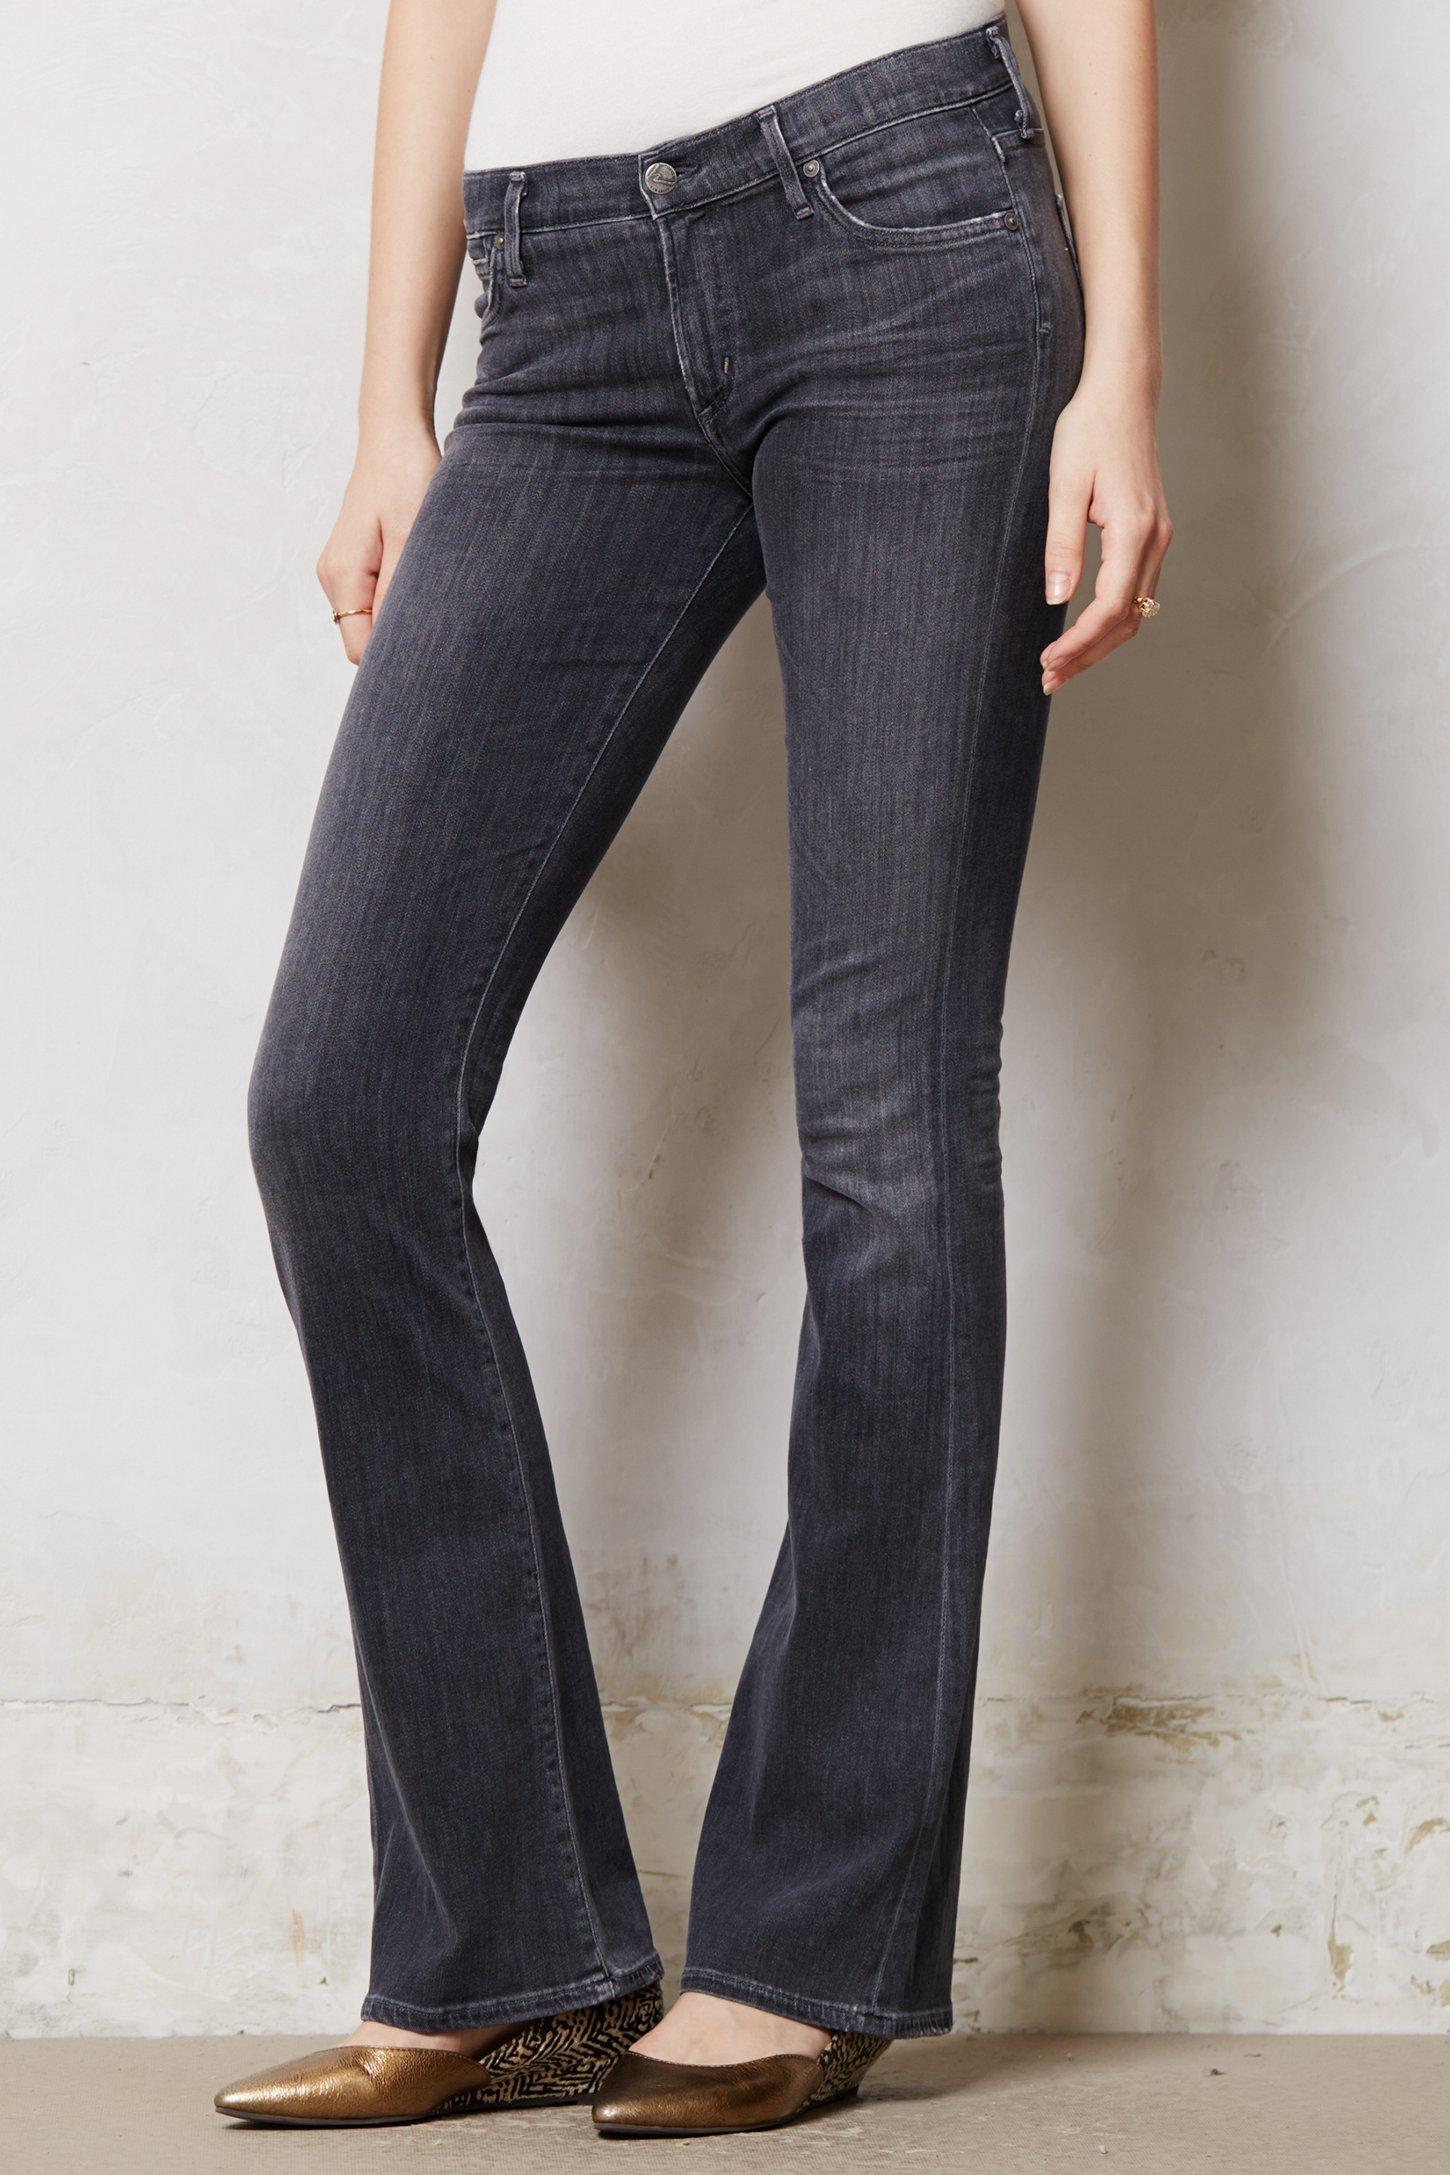 gray bootcut jeans - Jean Yu Beauty